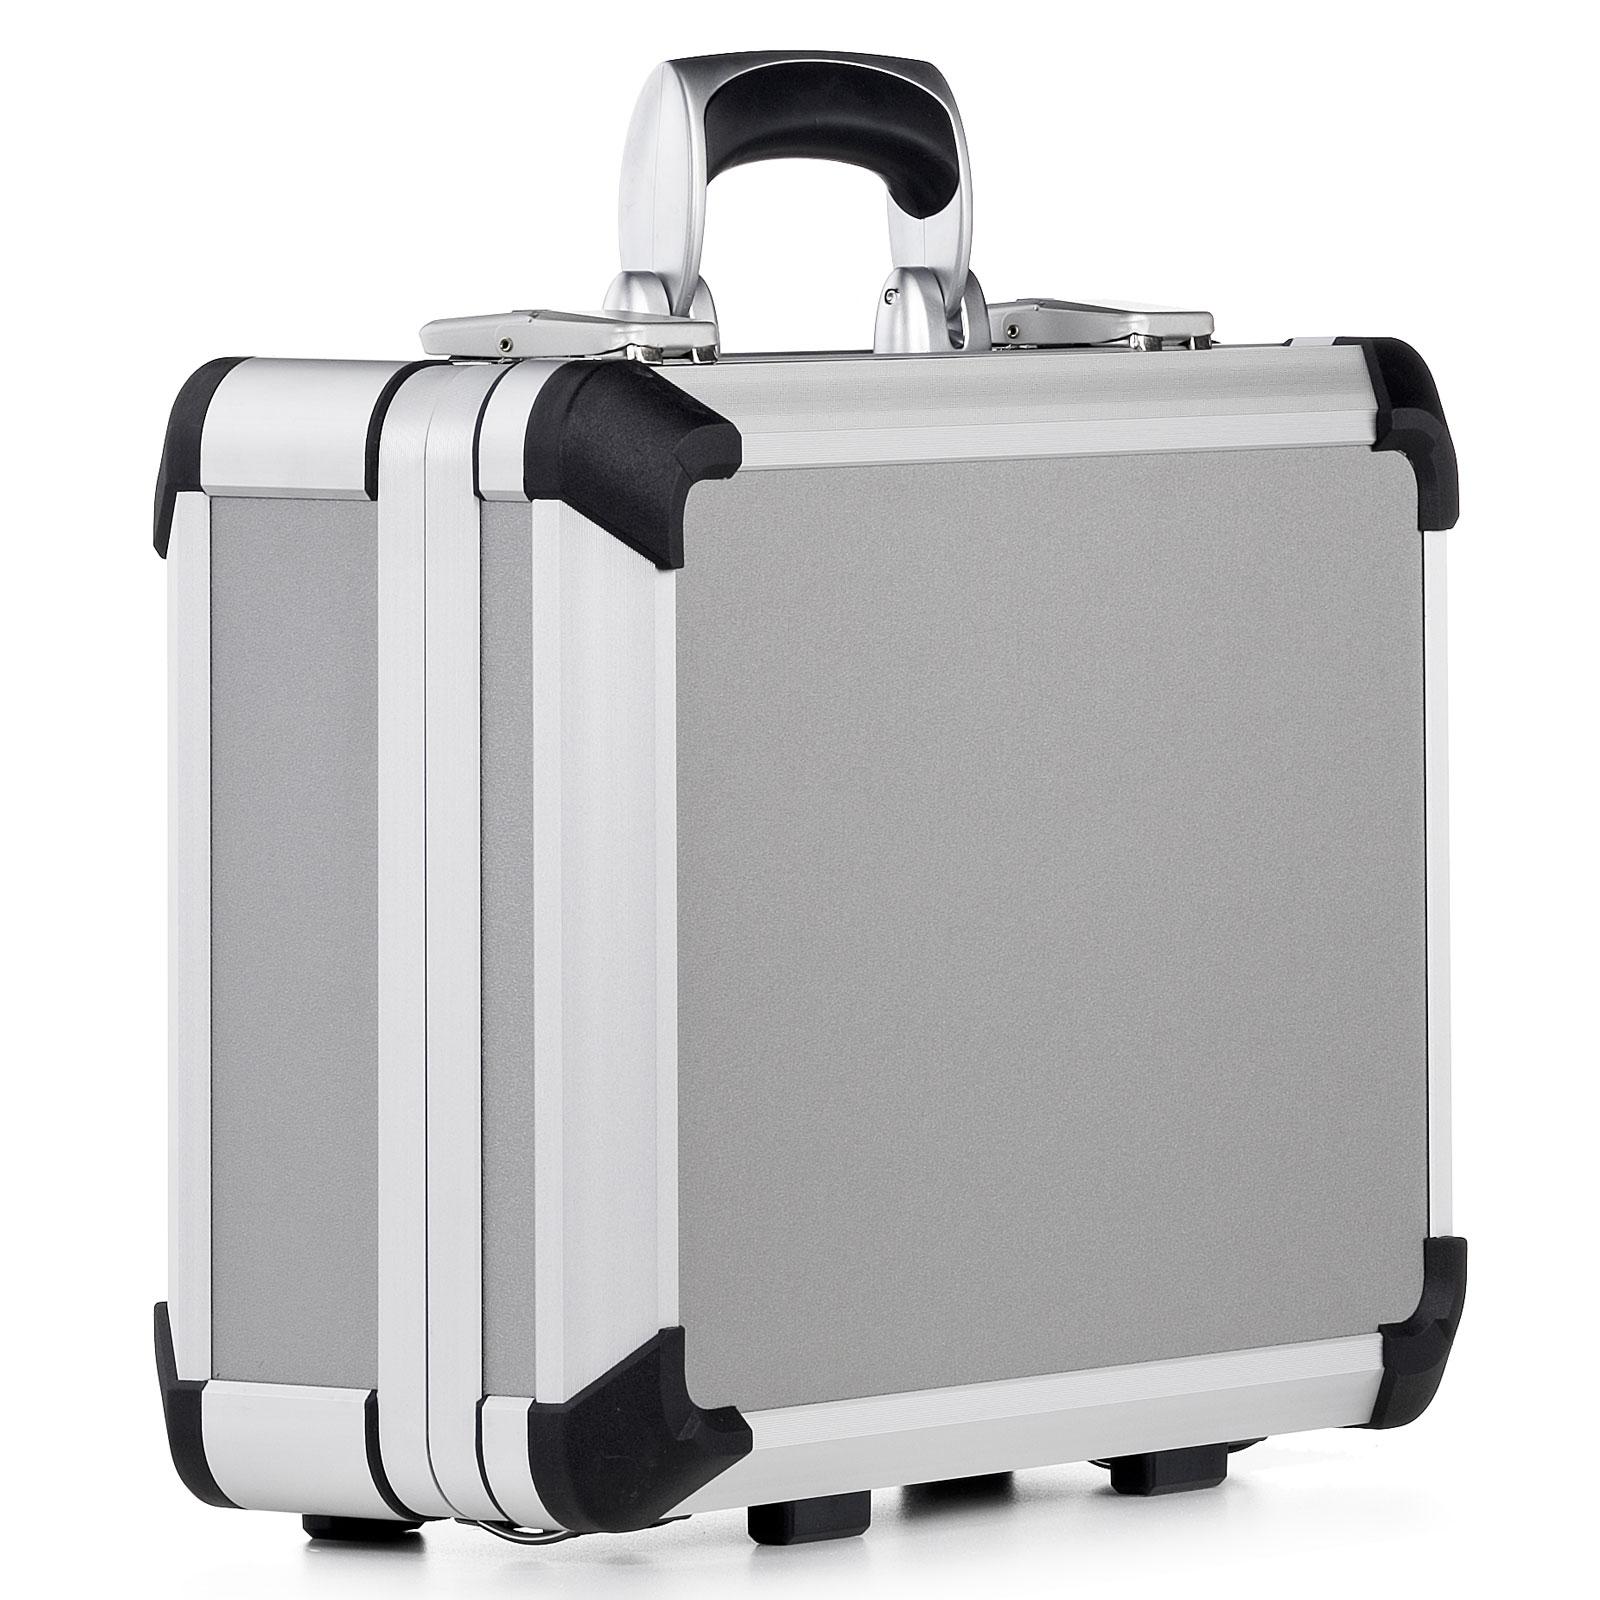 bwh koffer exklusivkoffer aex typ 4 g nstig kaufen koffermarkt. Black Bedroom Furniture Sets. Home Design Ideas